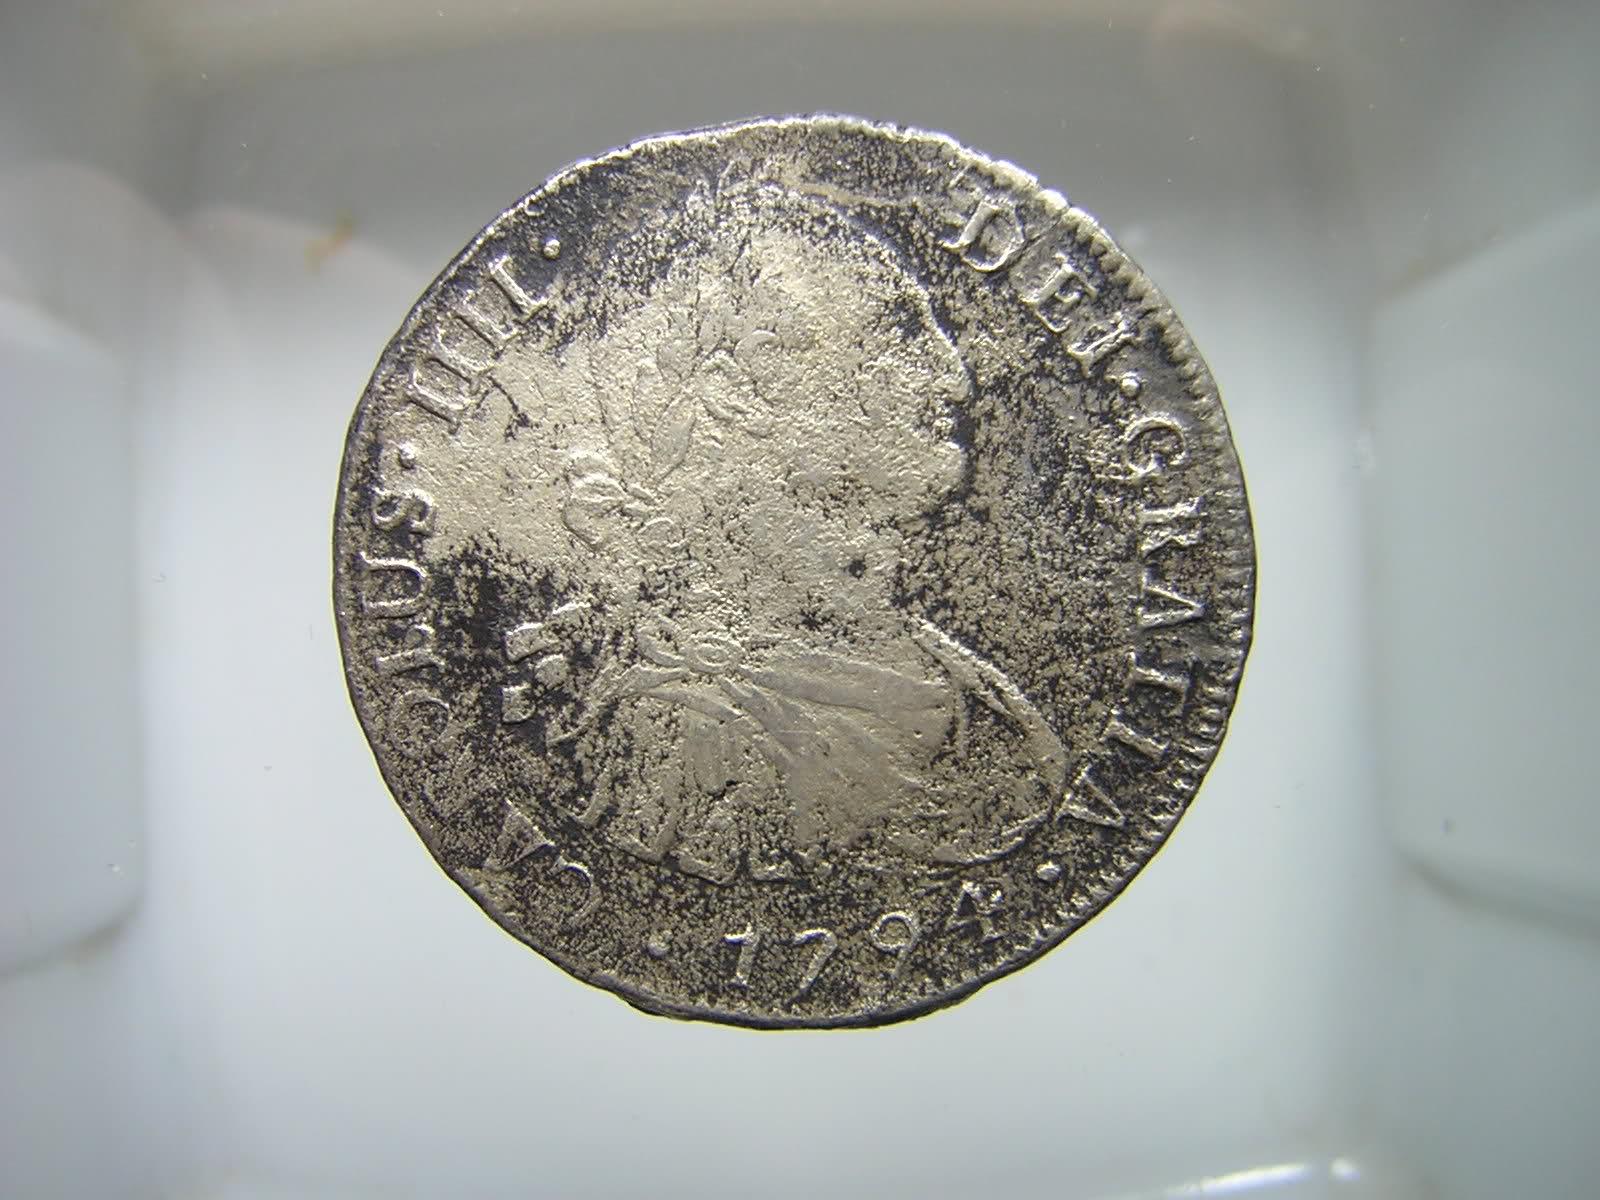 Monedas de Chile - Epoca Colonial e Republicana 11ipd21